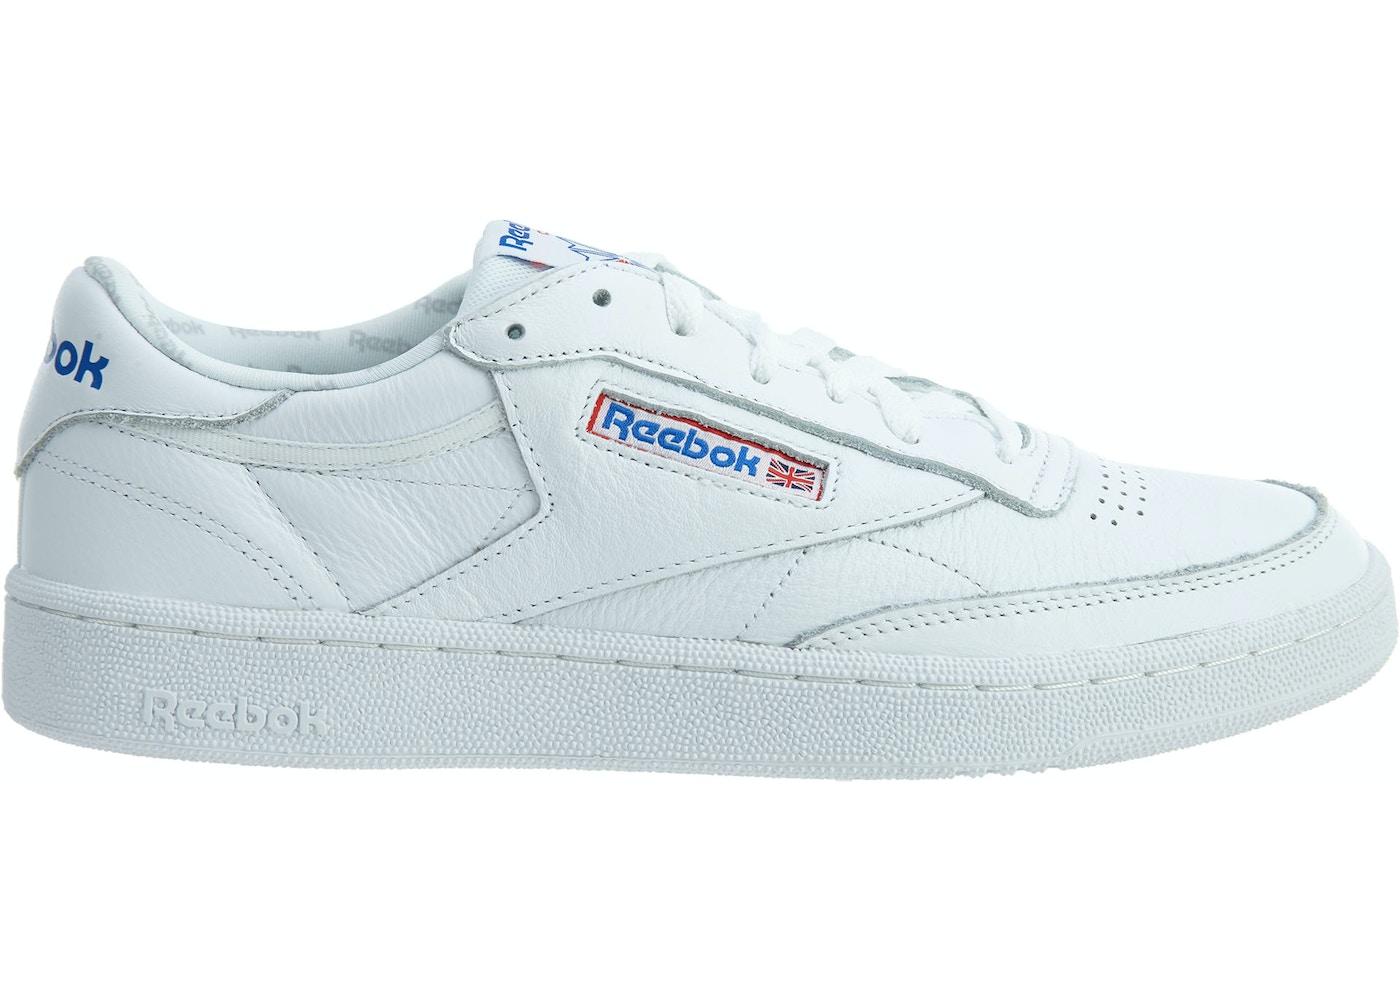 37ae1837269 Buy Reebok Size 14 Shoes   Deadstock Sneakers